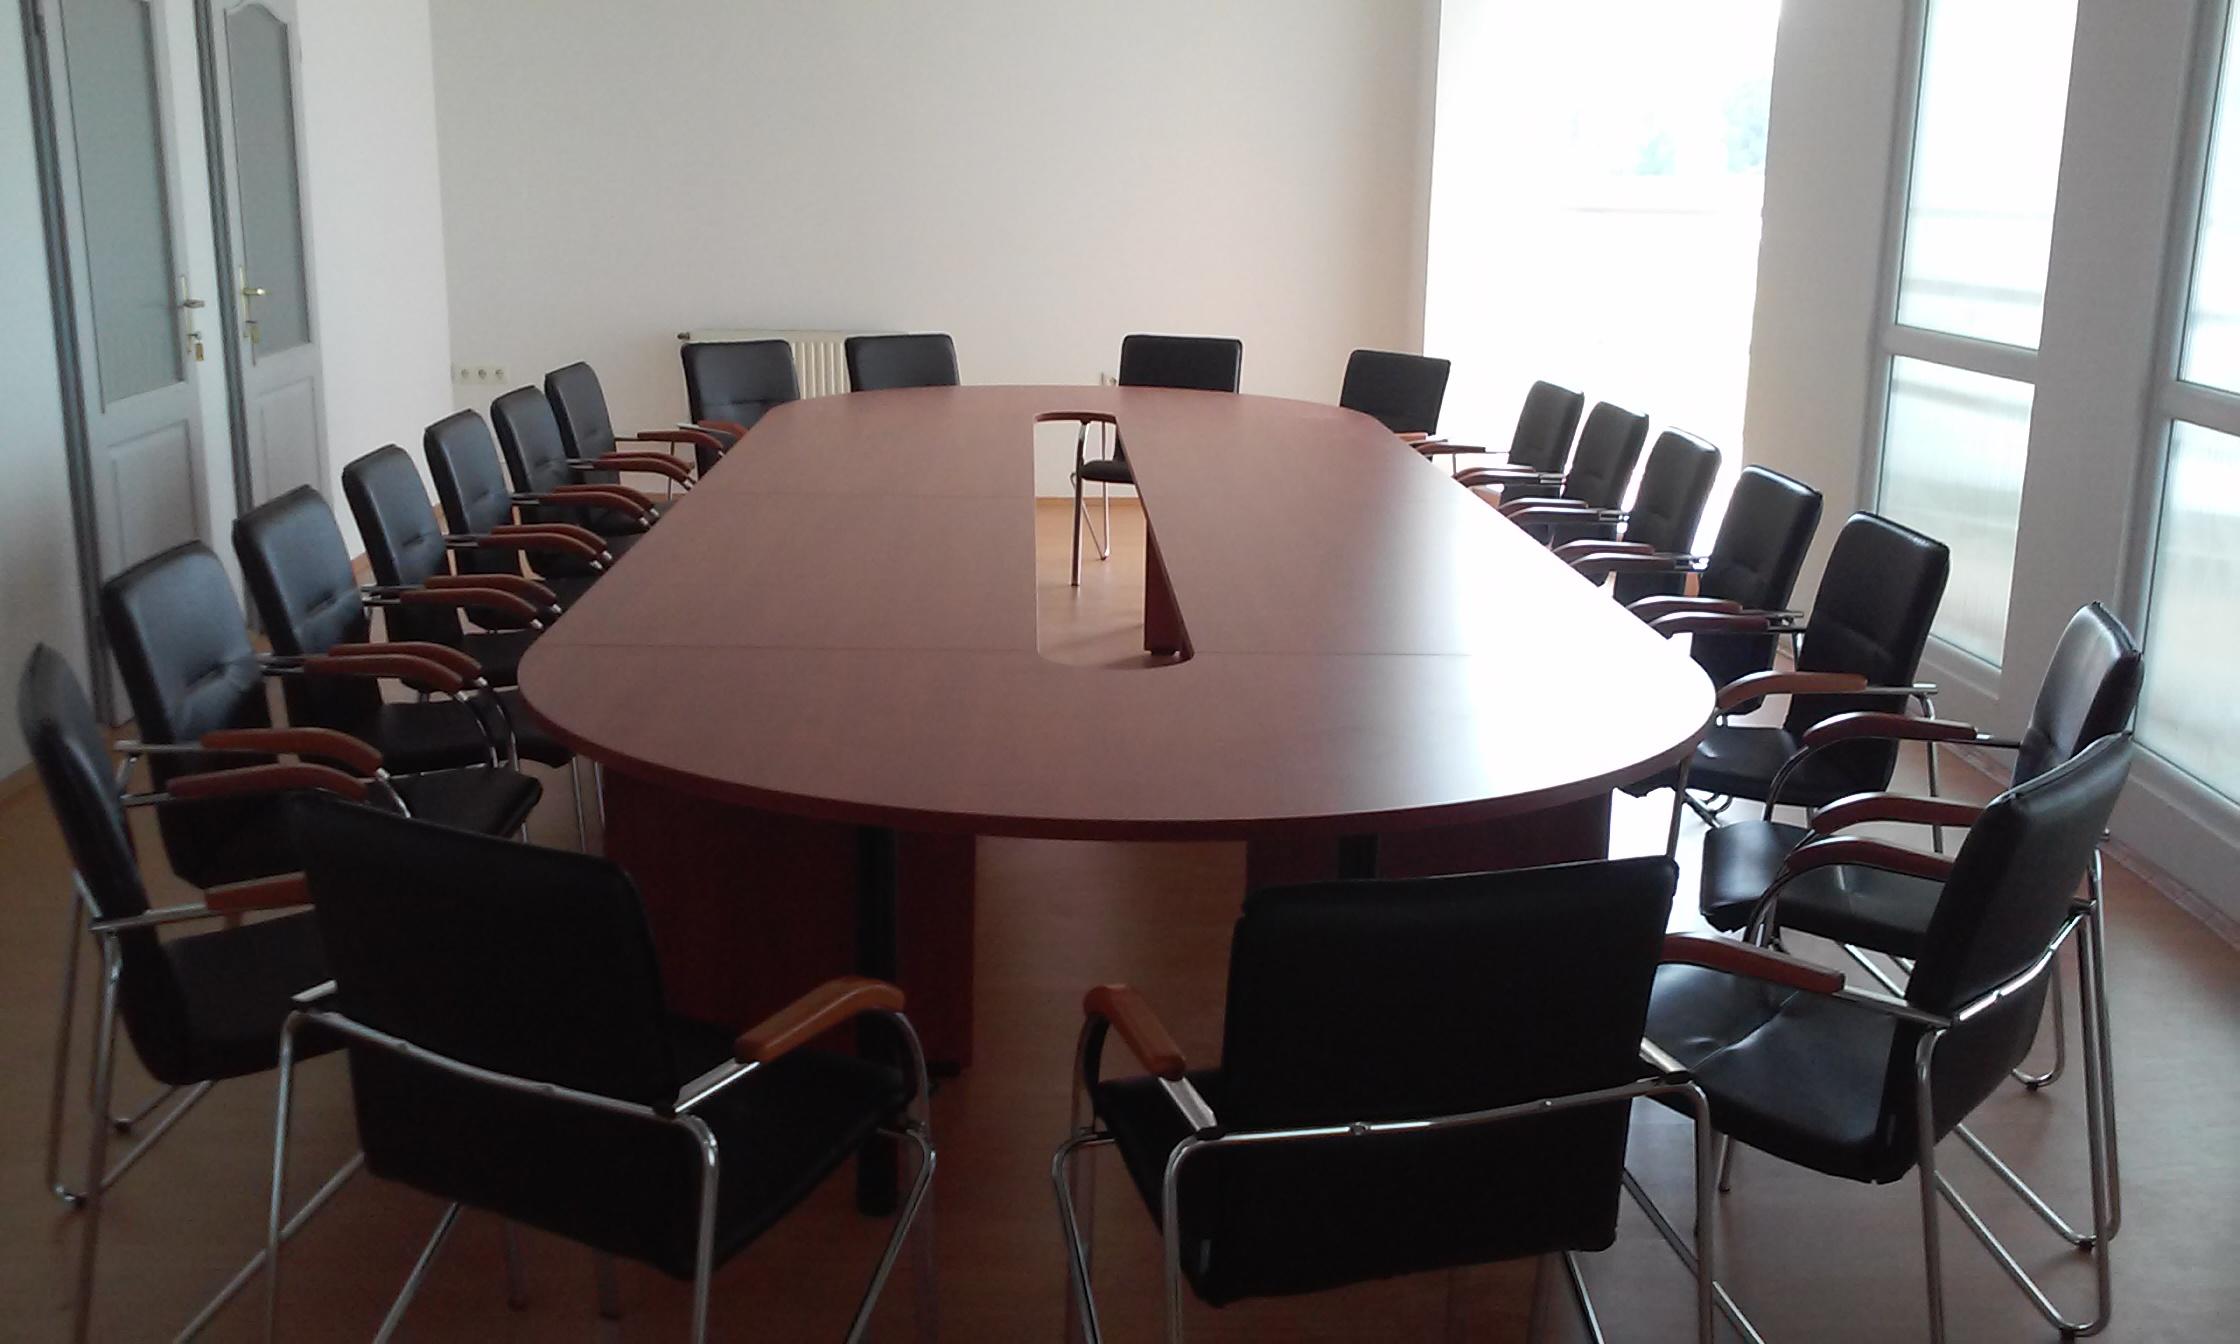 Laplábas tárgyalóasztalok választéka a Vénusz irodabútor családból